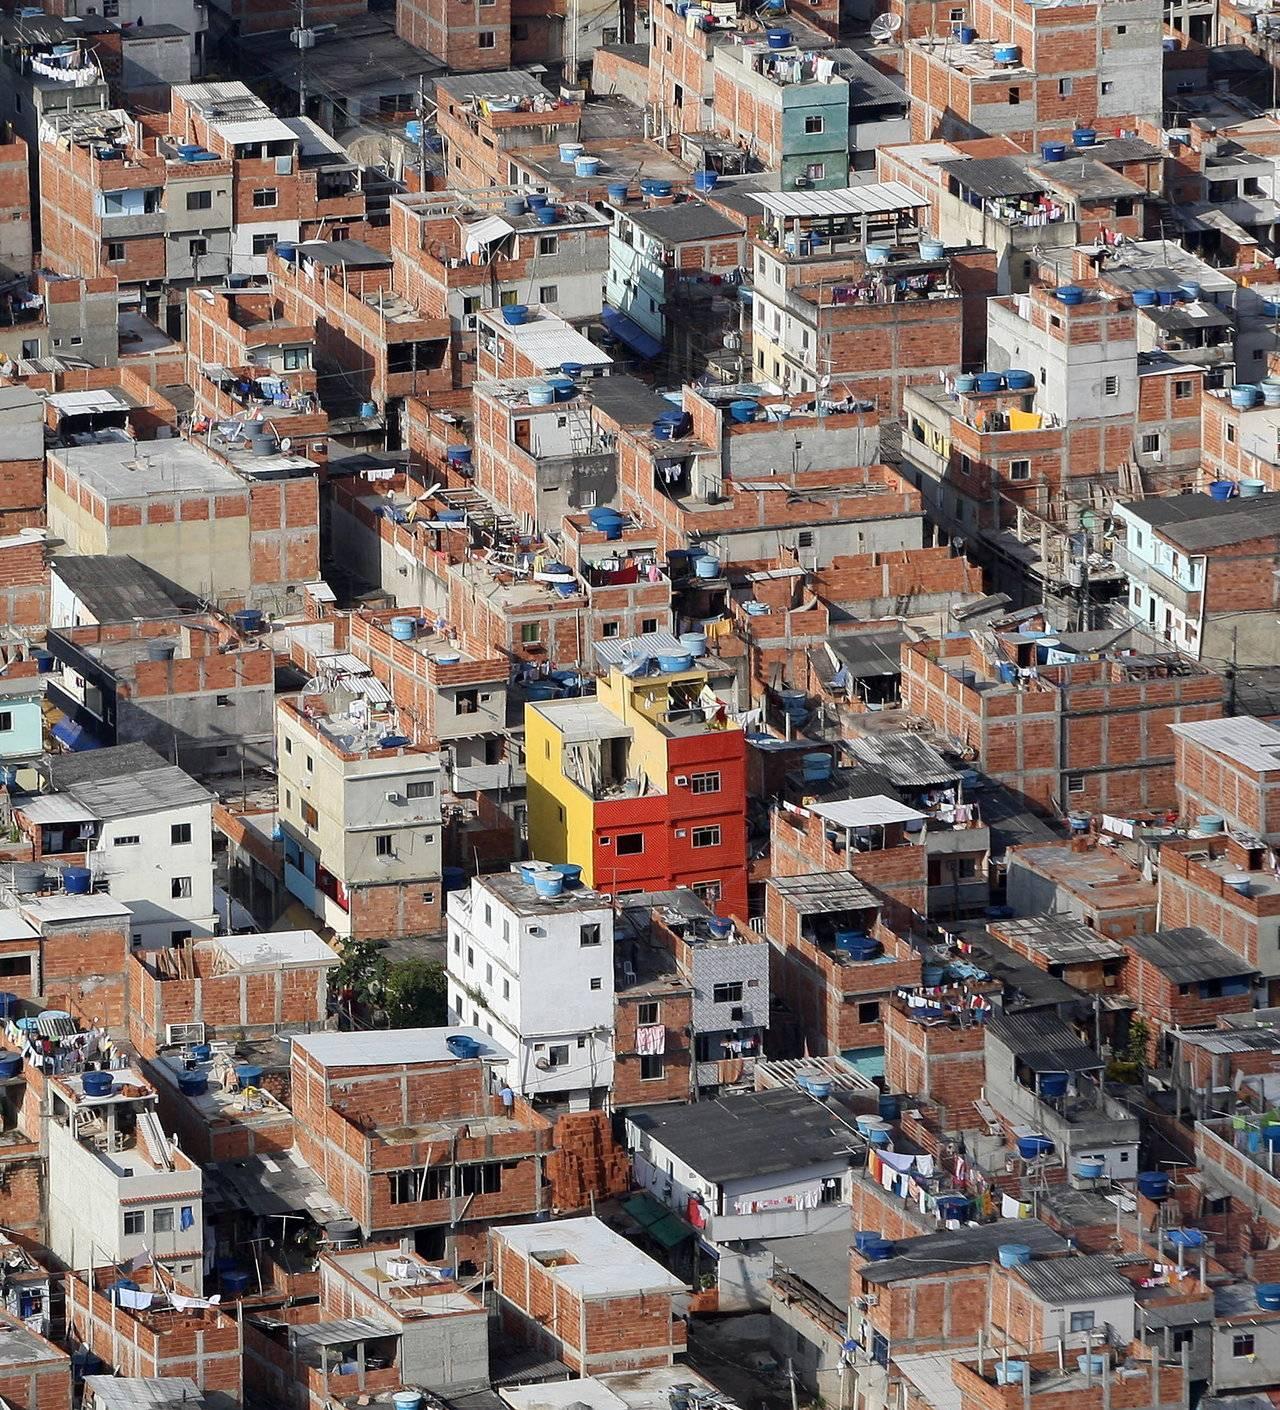 Vista aérea da favela de Rio das Pedras, no Rio de Janeiro.   va/se/VANDERLEI ALMEIDA